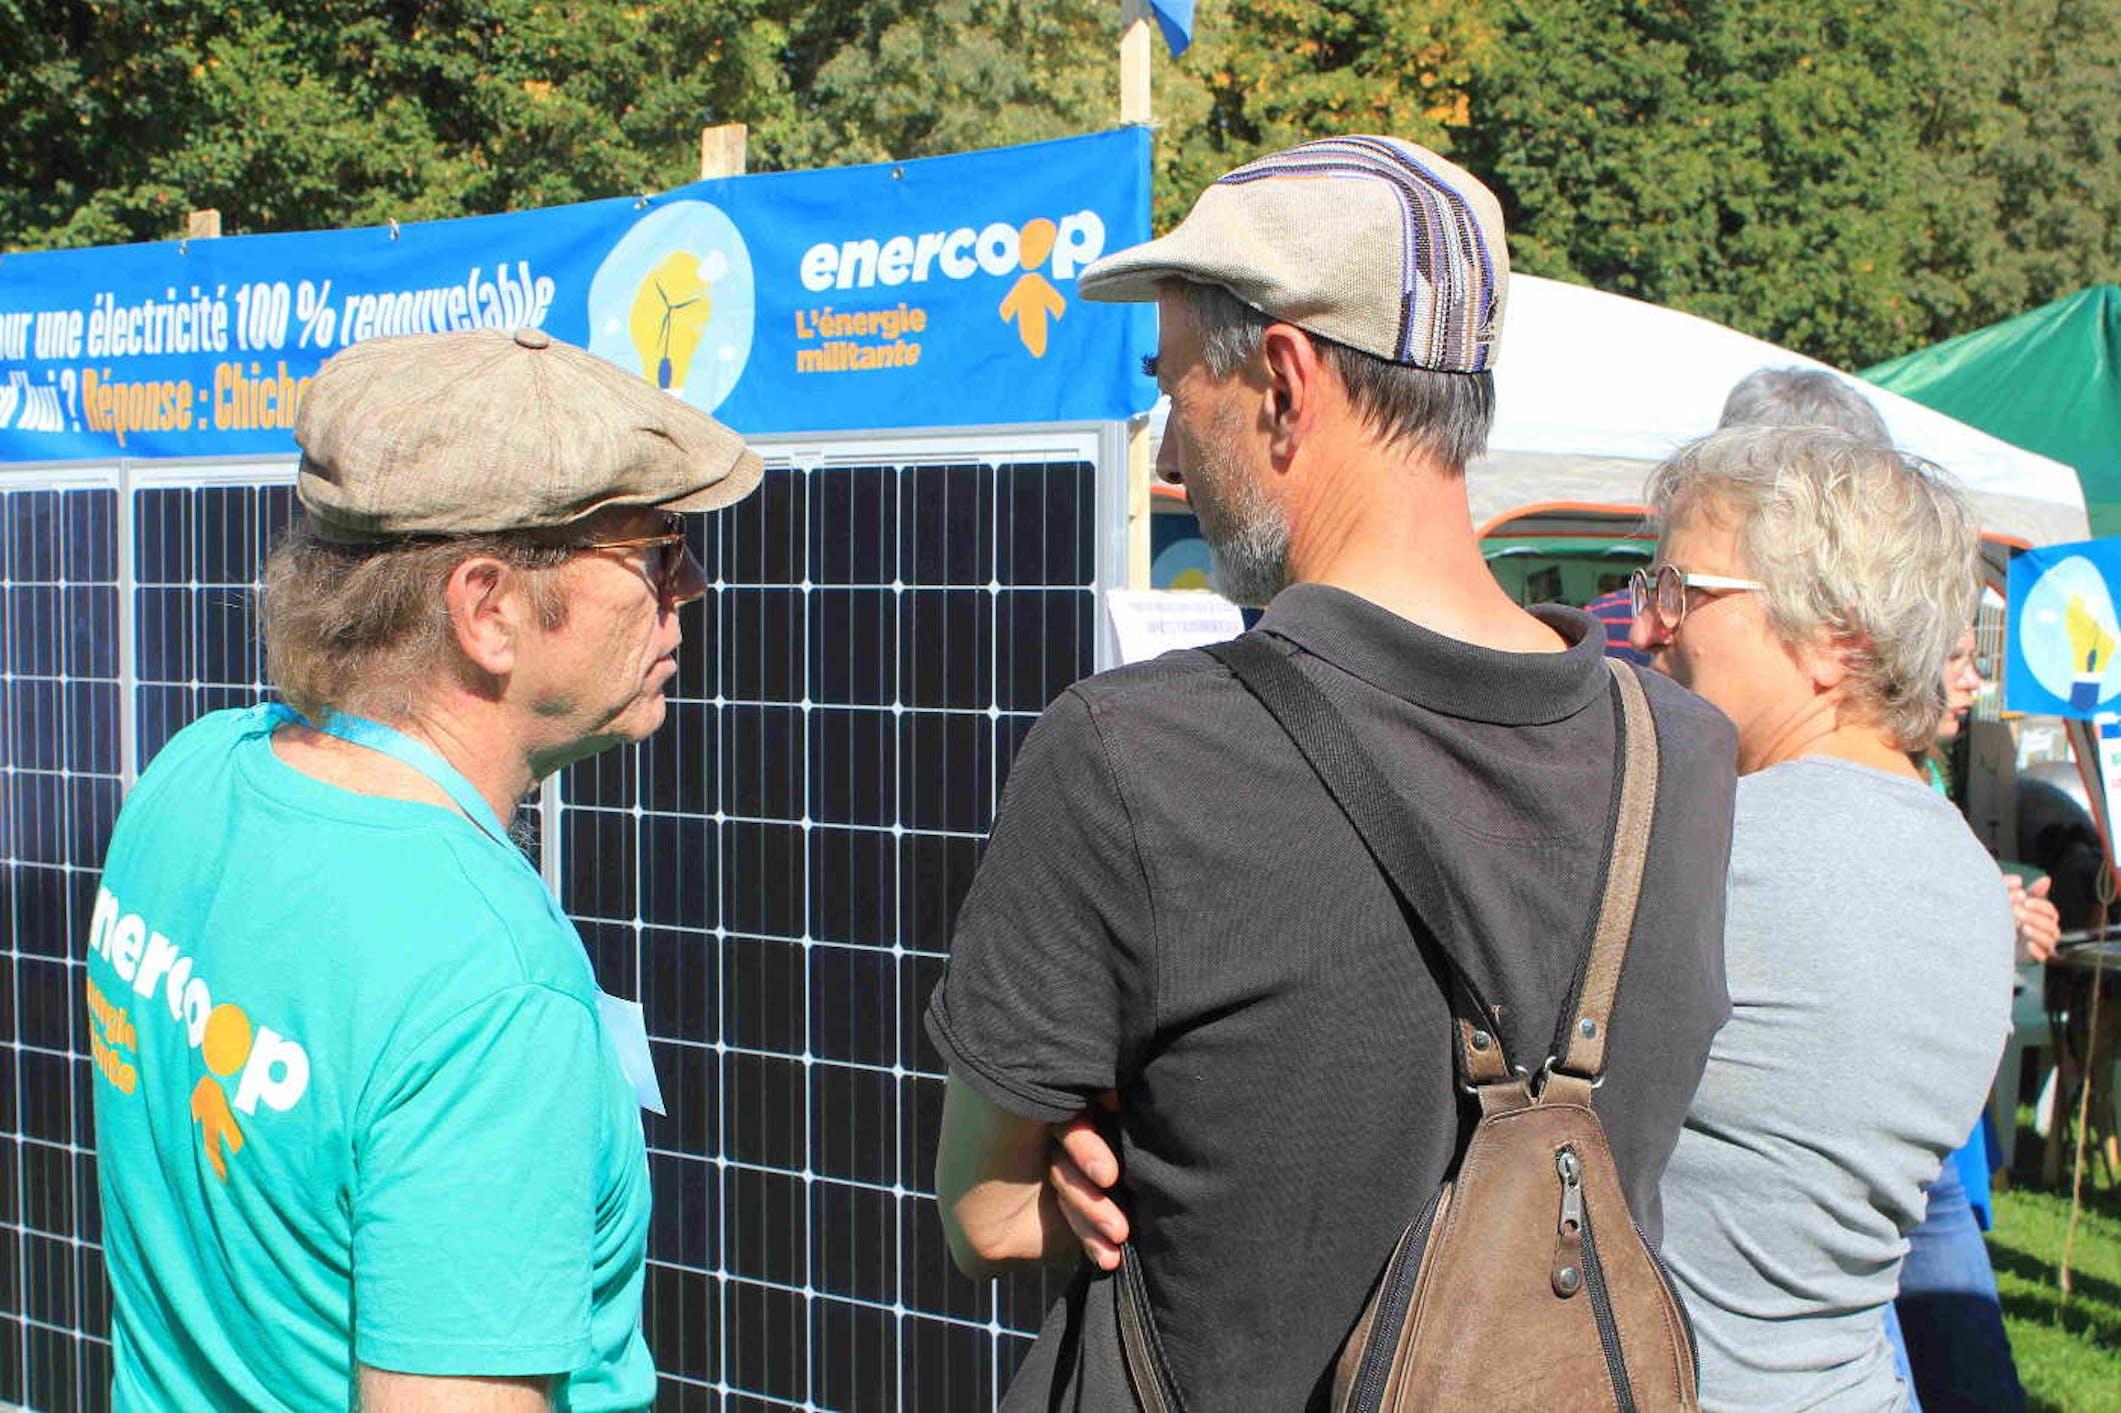 3 personnes discutent devant un panneau photovoltaïque Enercoop